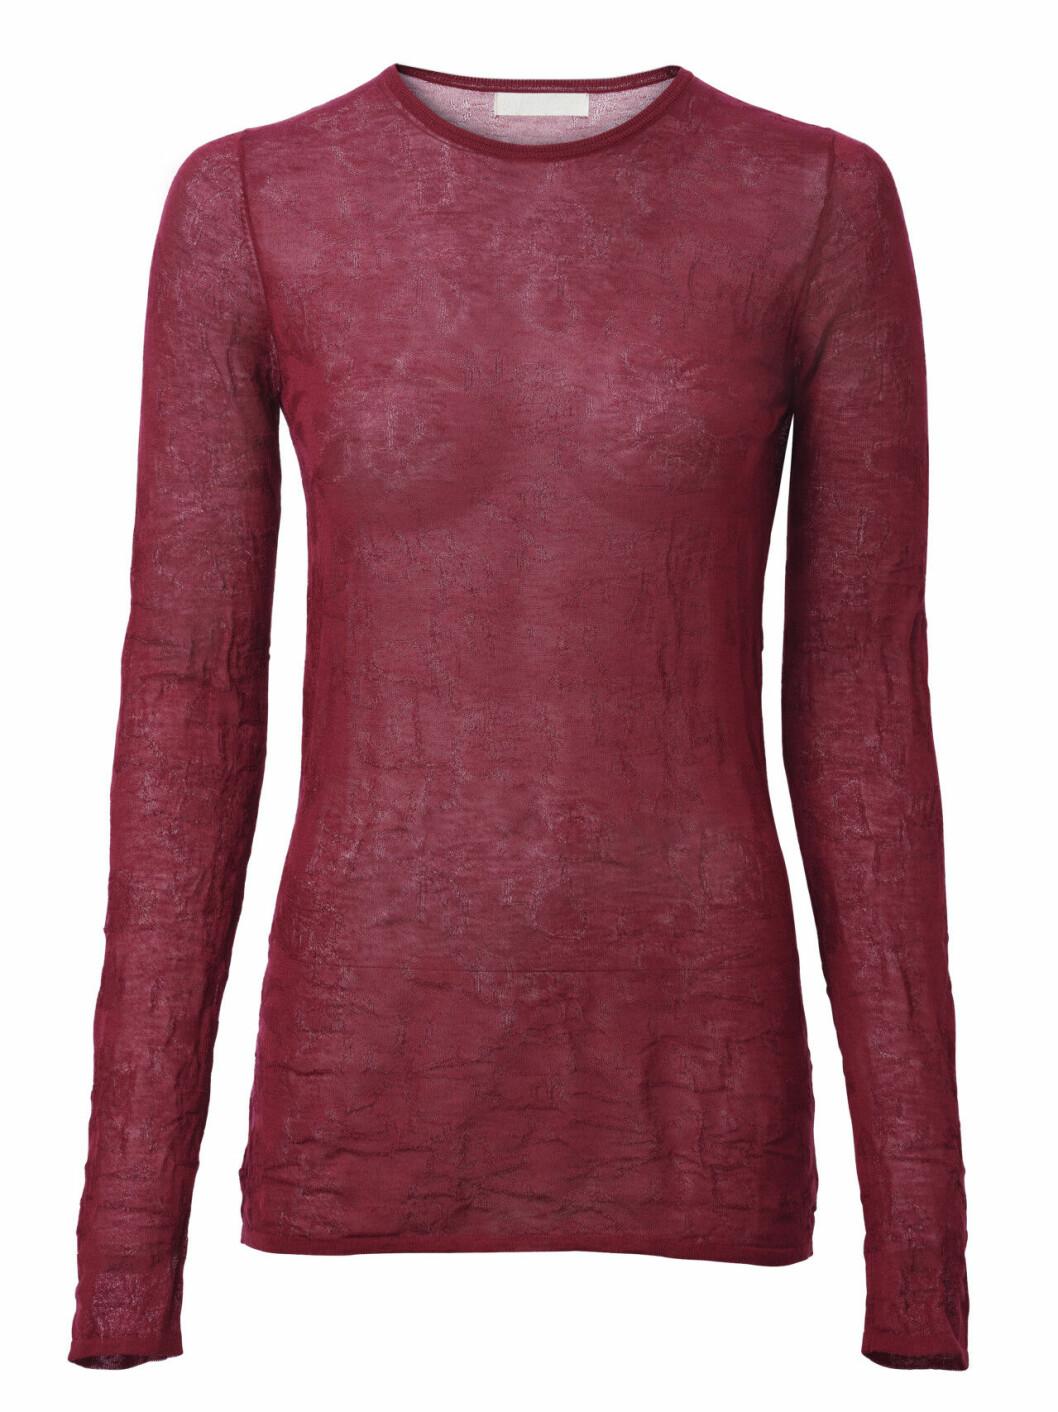 H&M Conscious Exclusive AW19 –röd tröja